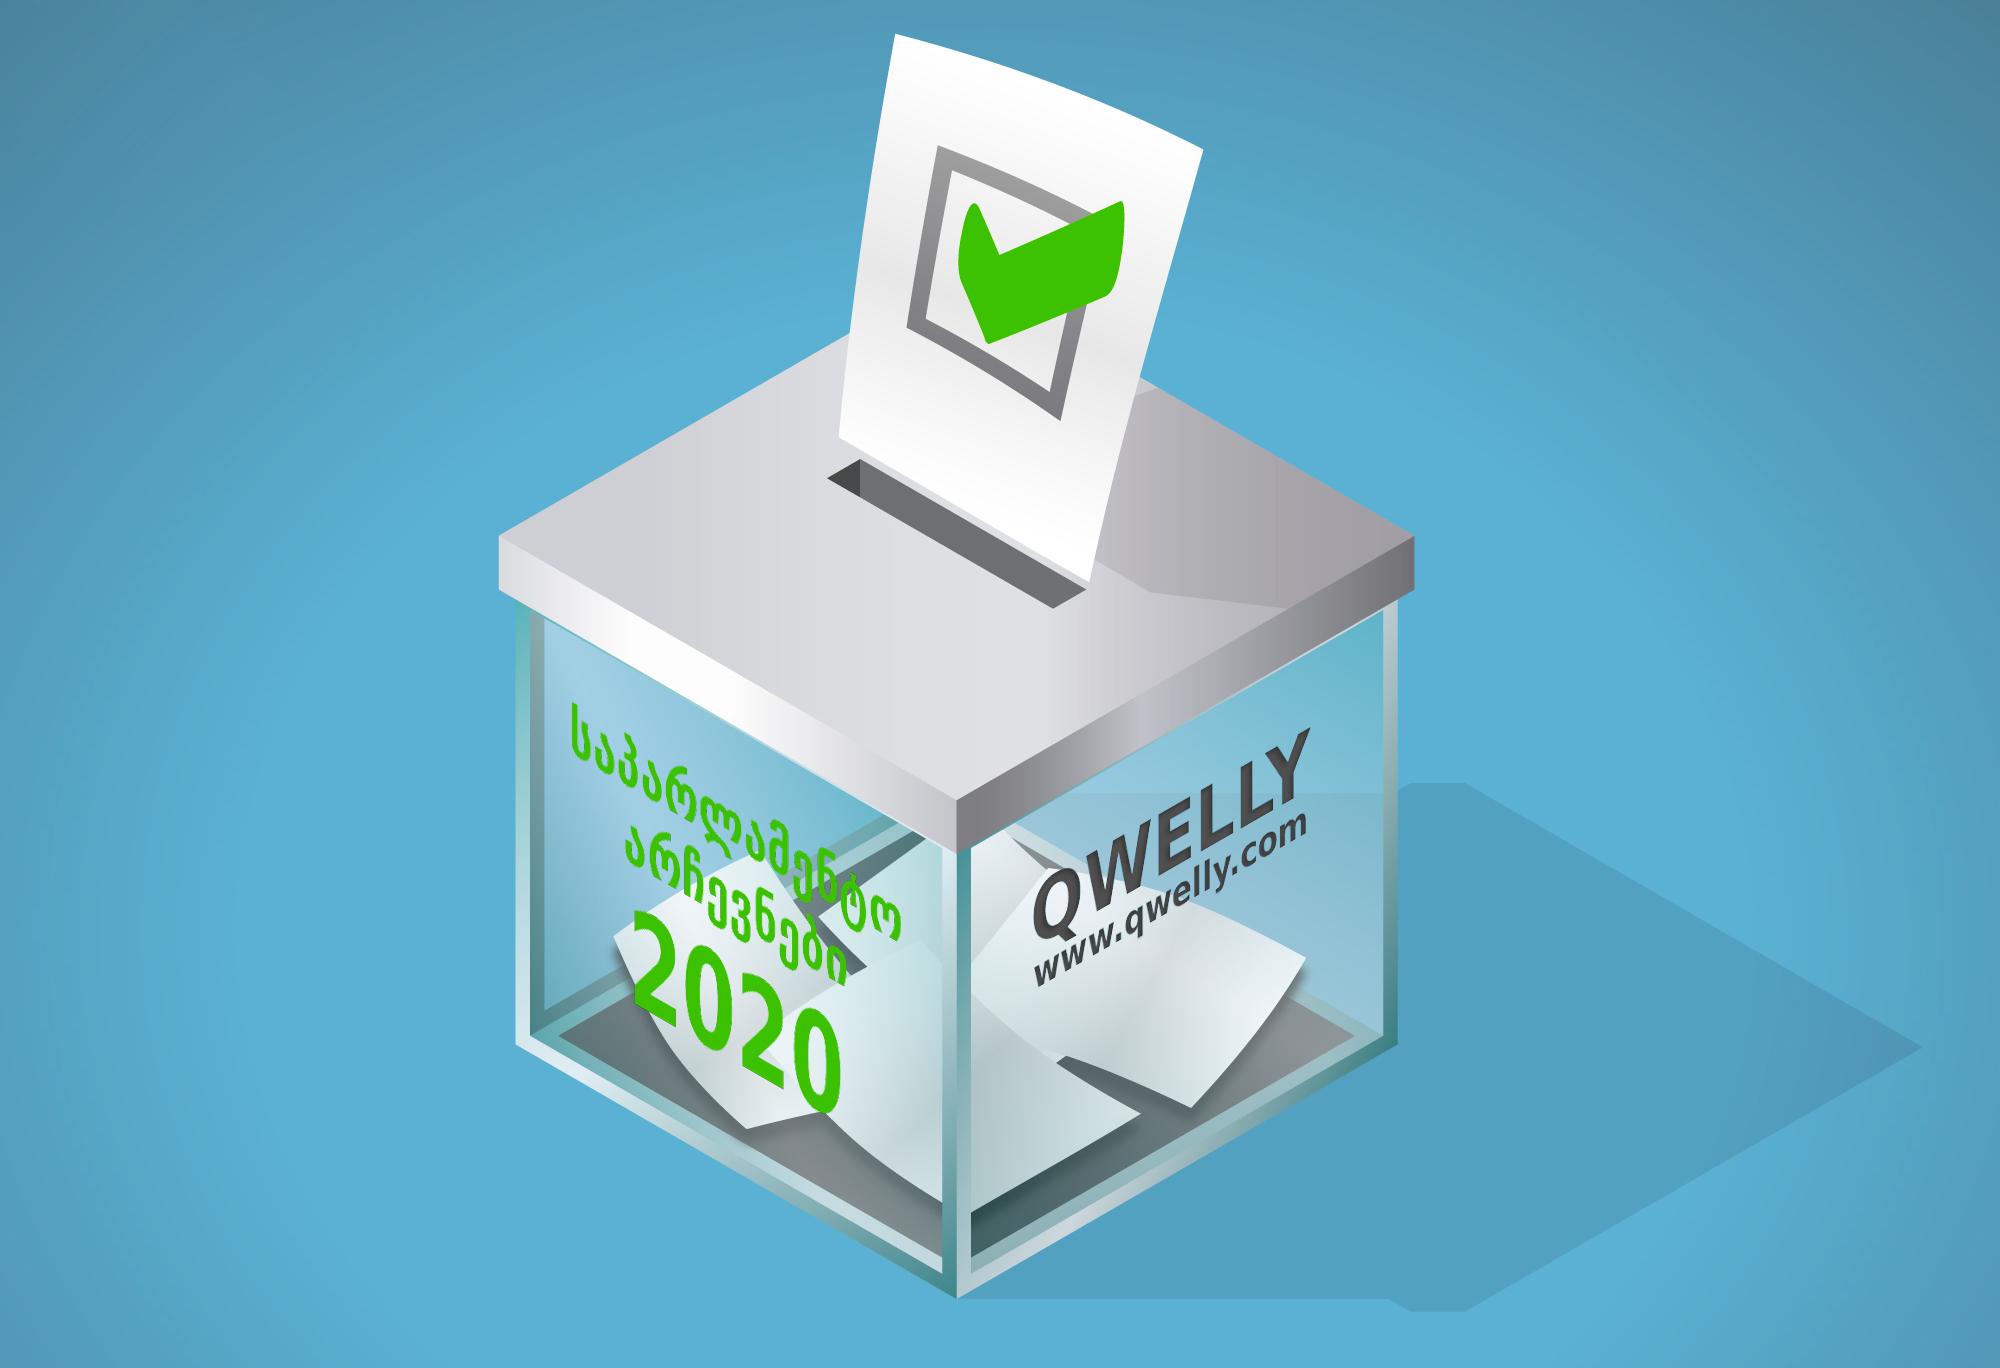 არჩევნები 2020, გამოკითხვა, ხმის მიცემა, ციფრული არჩევნები, ელექტრონული არჩევნები, ანონიმური არჩევნები